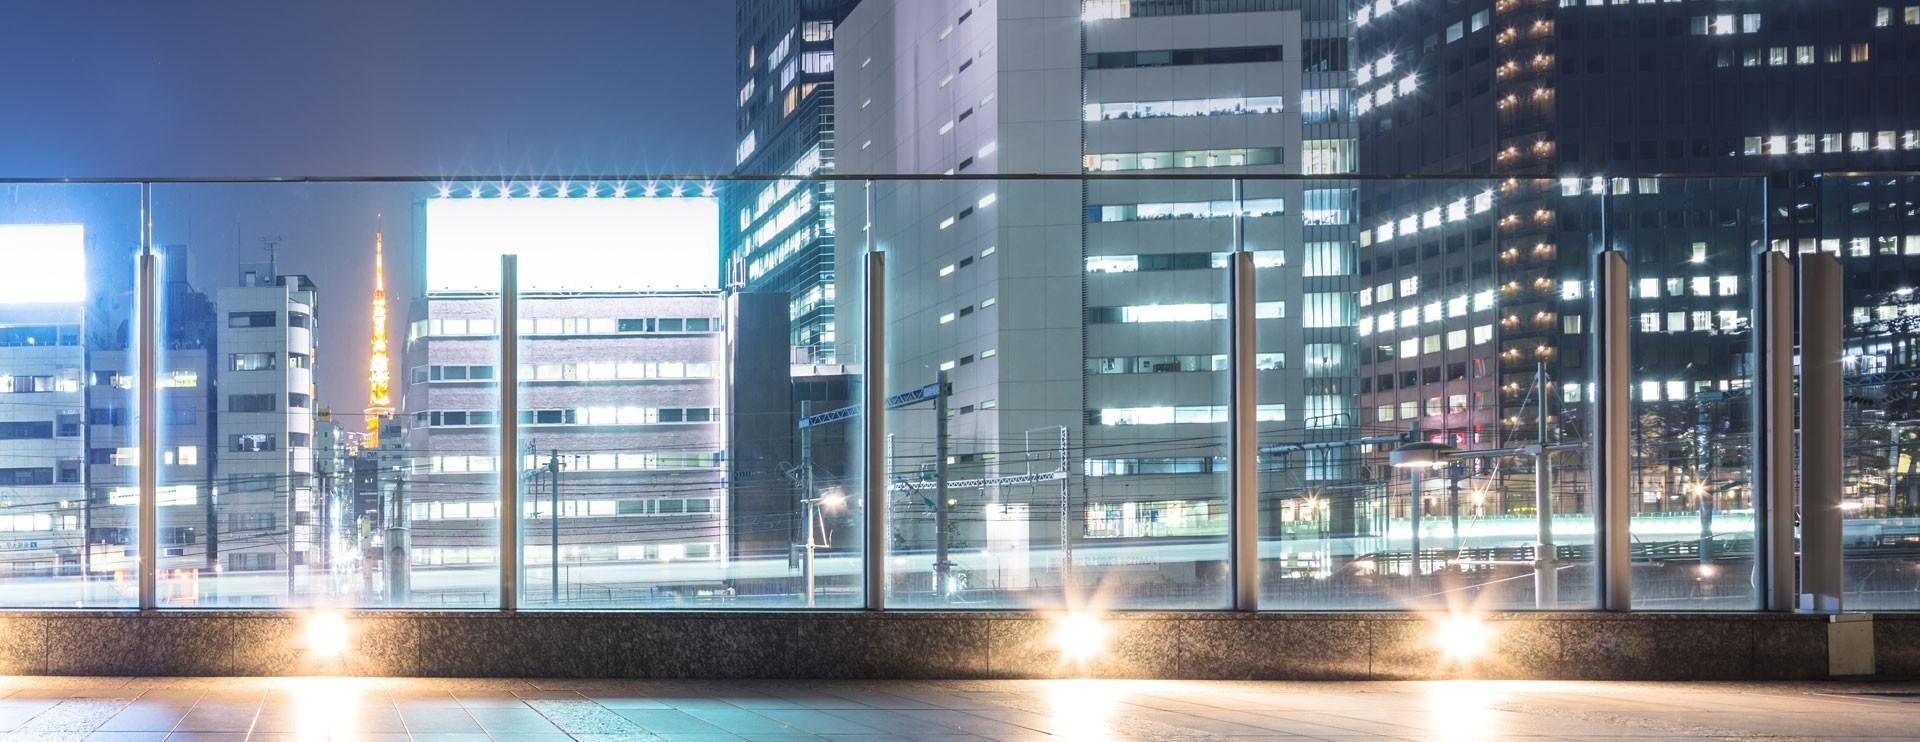 city balustrade at night